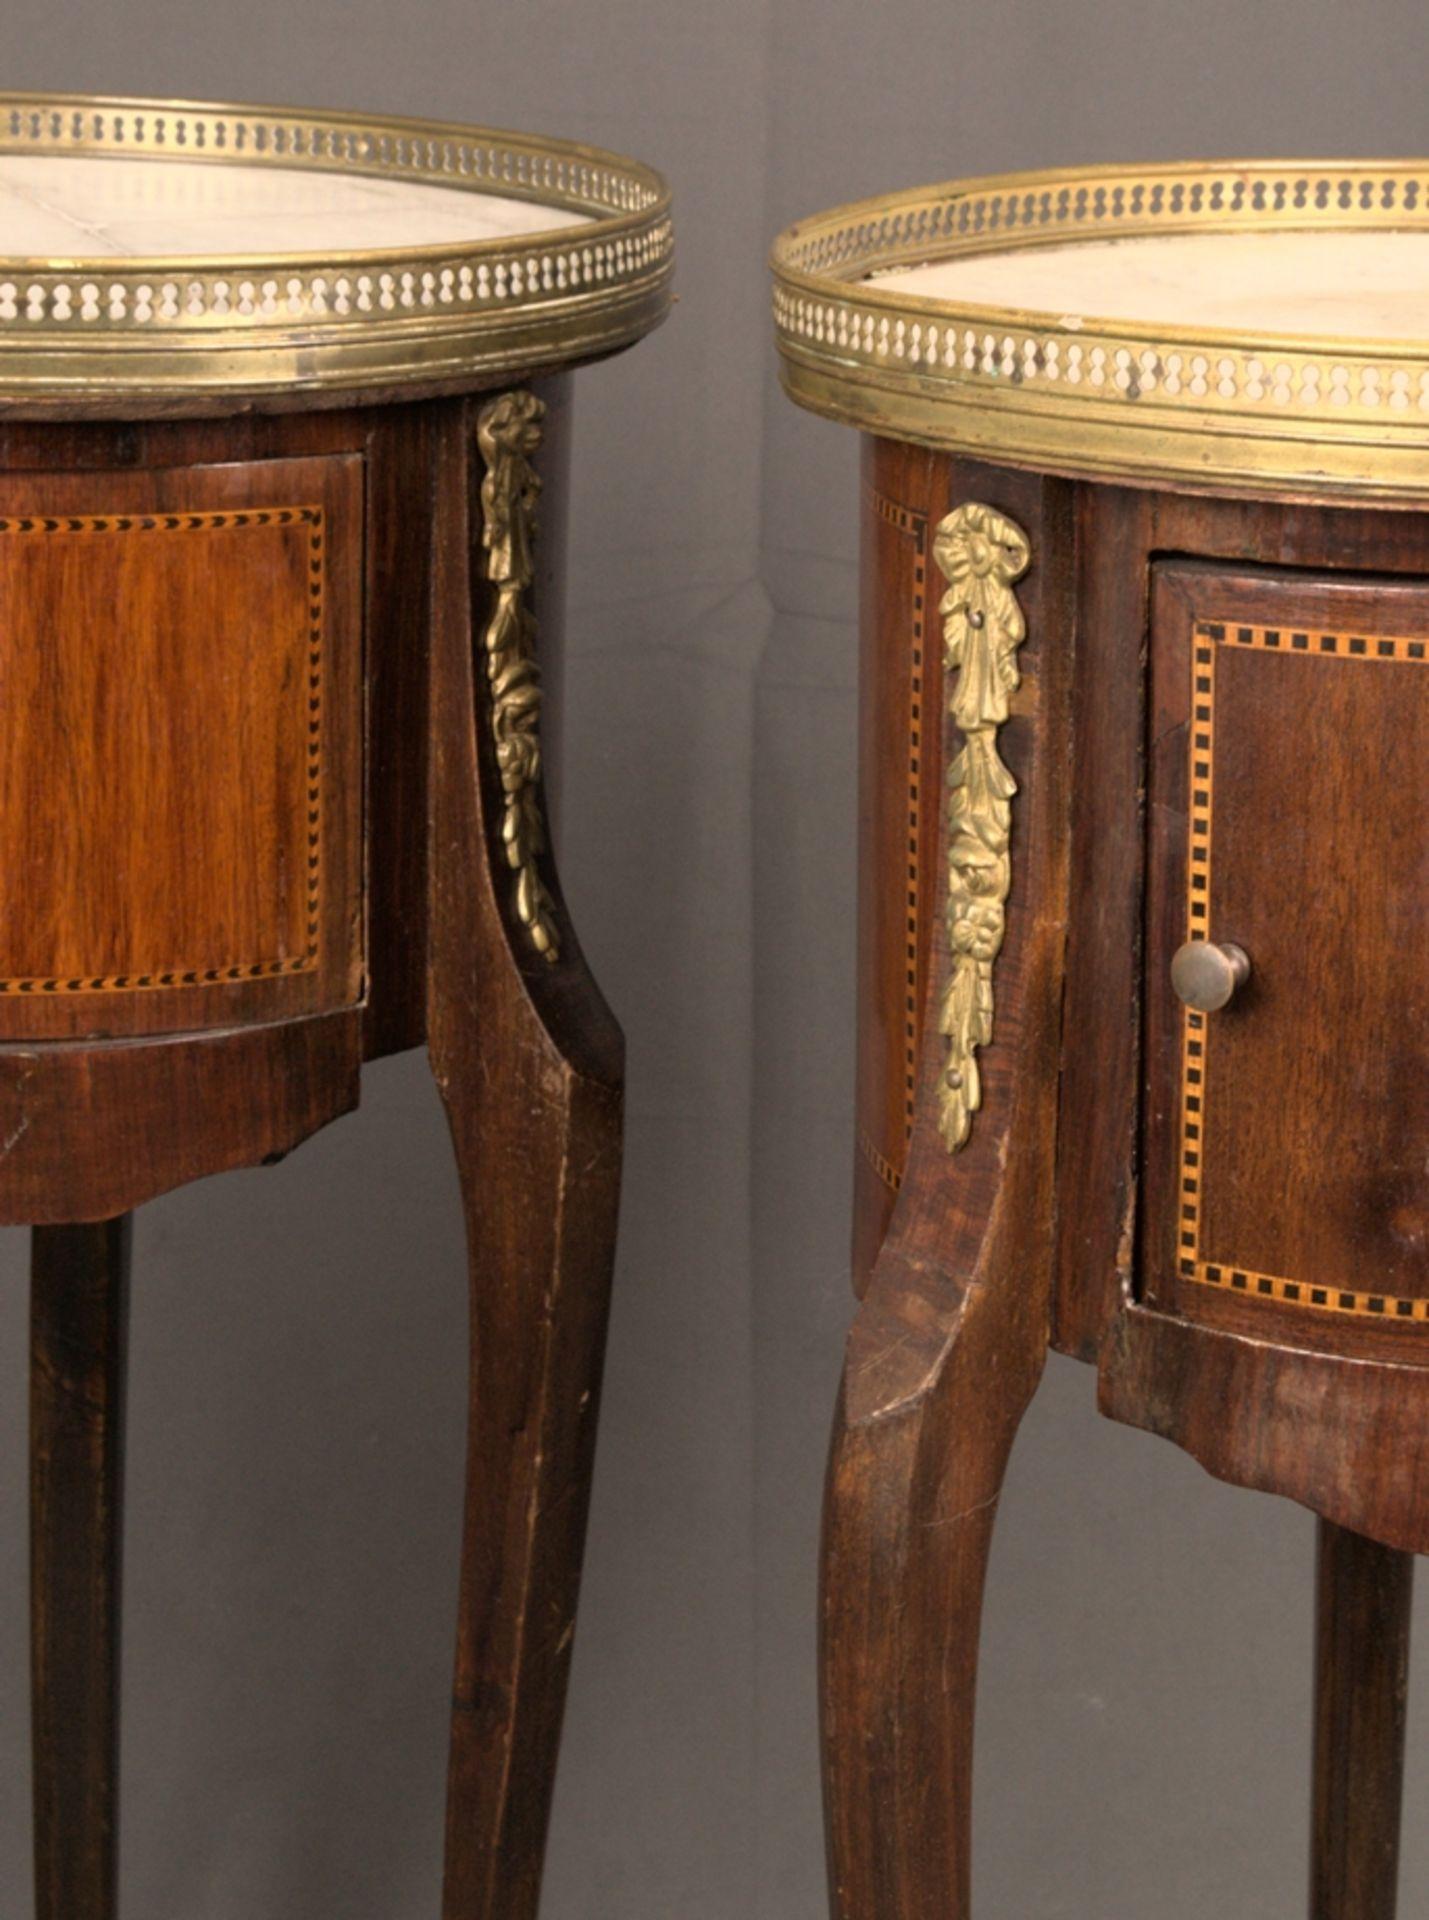 Paar eleganter, dreibeiniger Beistelltische sog. Gueridons, Frankreich 19./20. Jhd. Eintüriger - Bild 6 aus 19